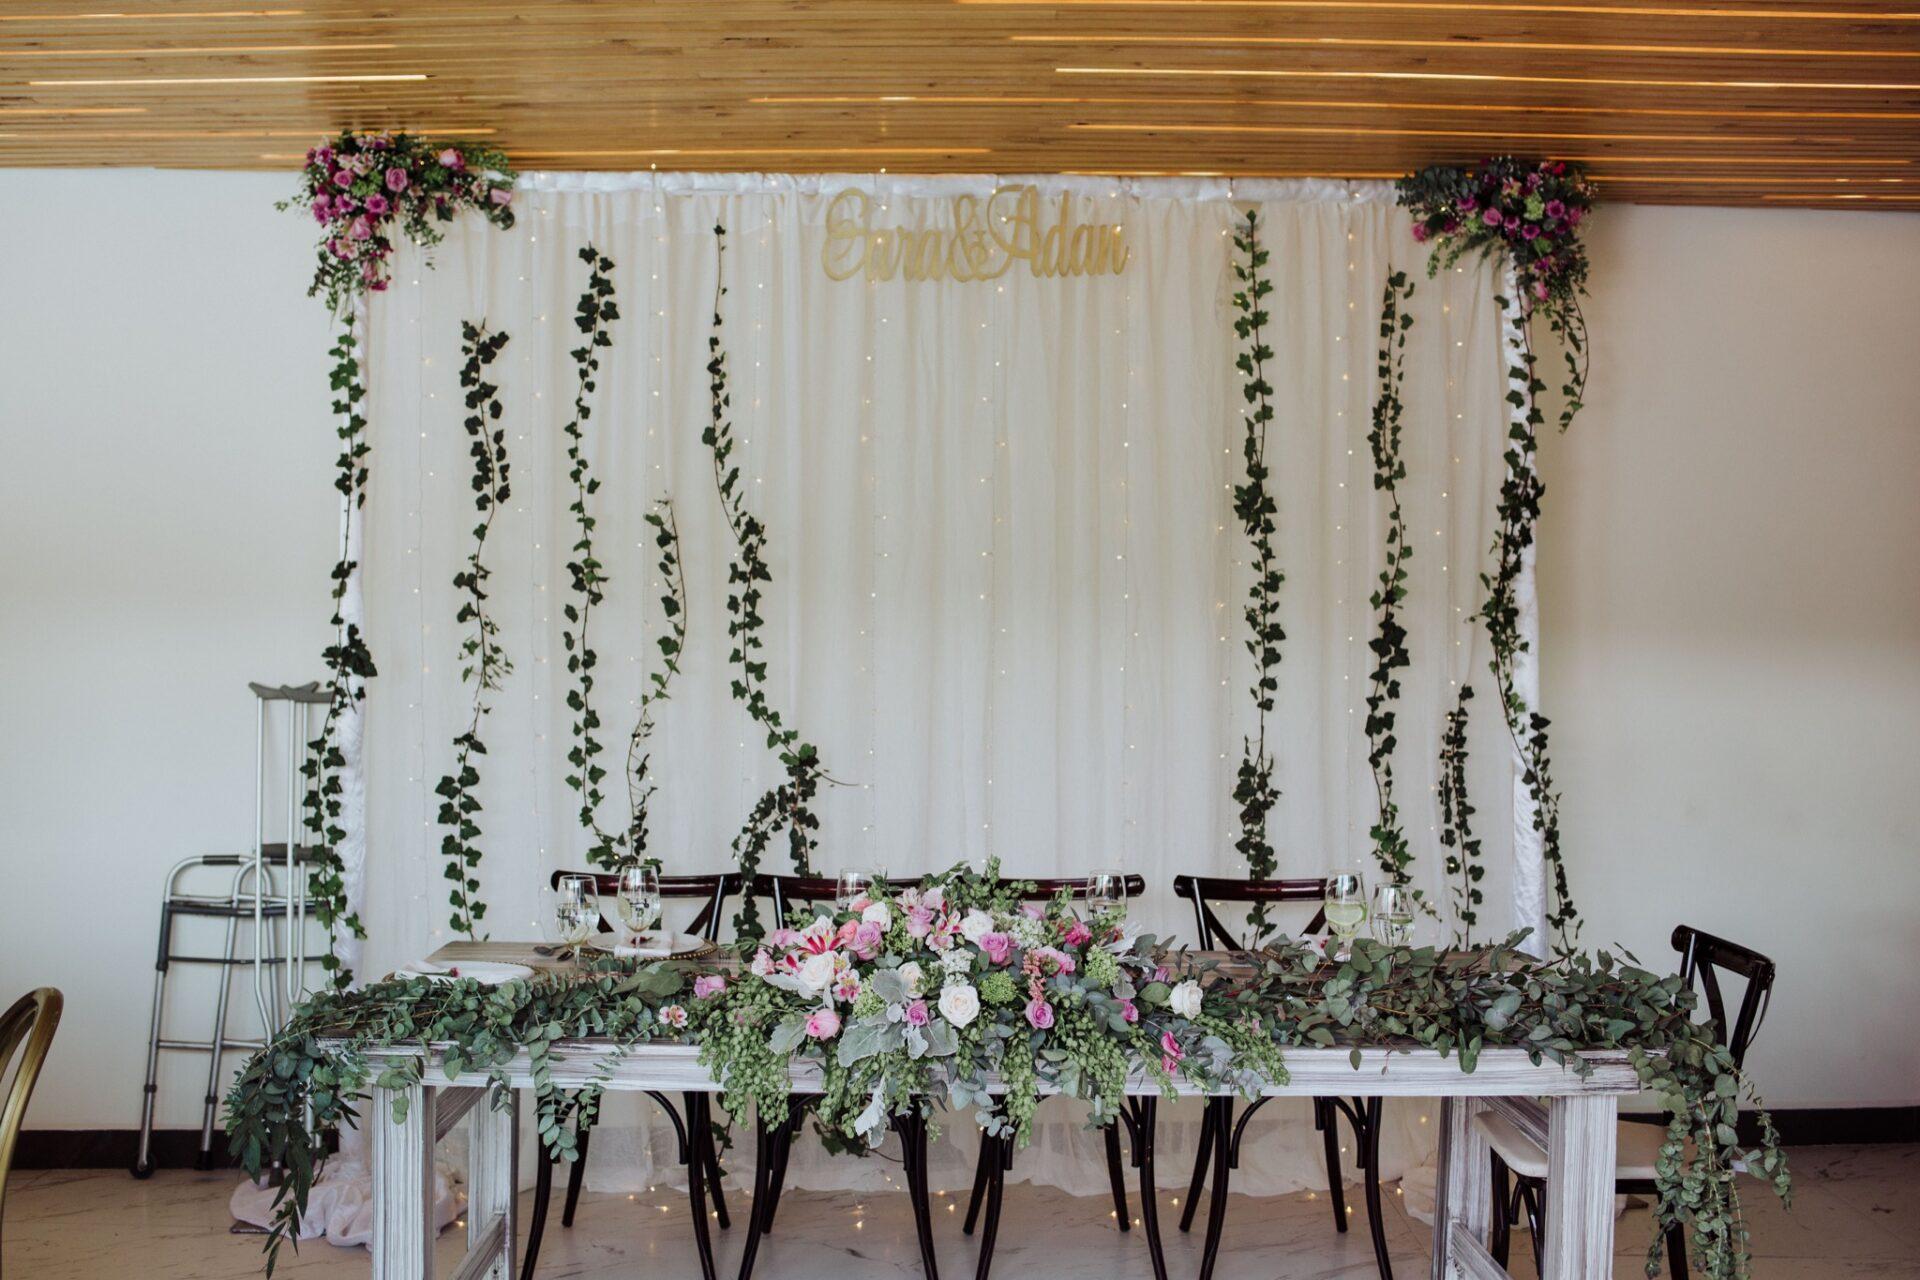 javier_noriega_fotografo_bodas_los_gaviones_zacatecas_wedding_photographer20